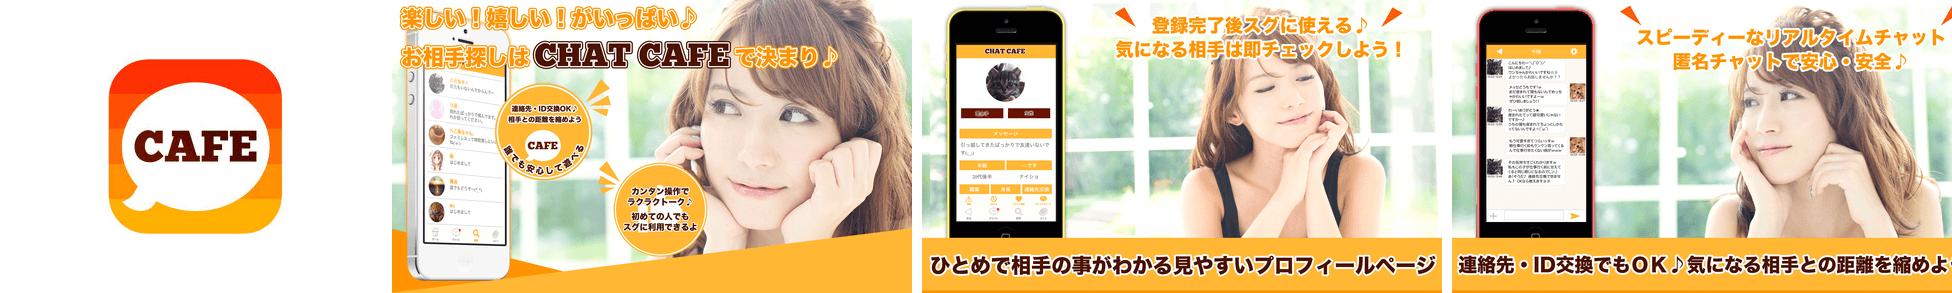 出会い系チャット アプリ - チャット カフェ